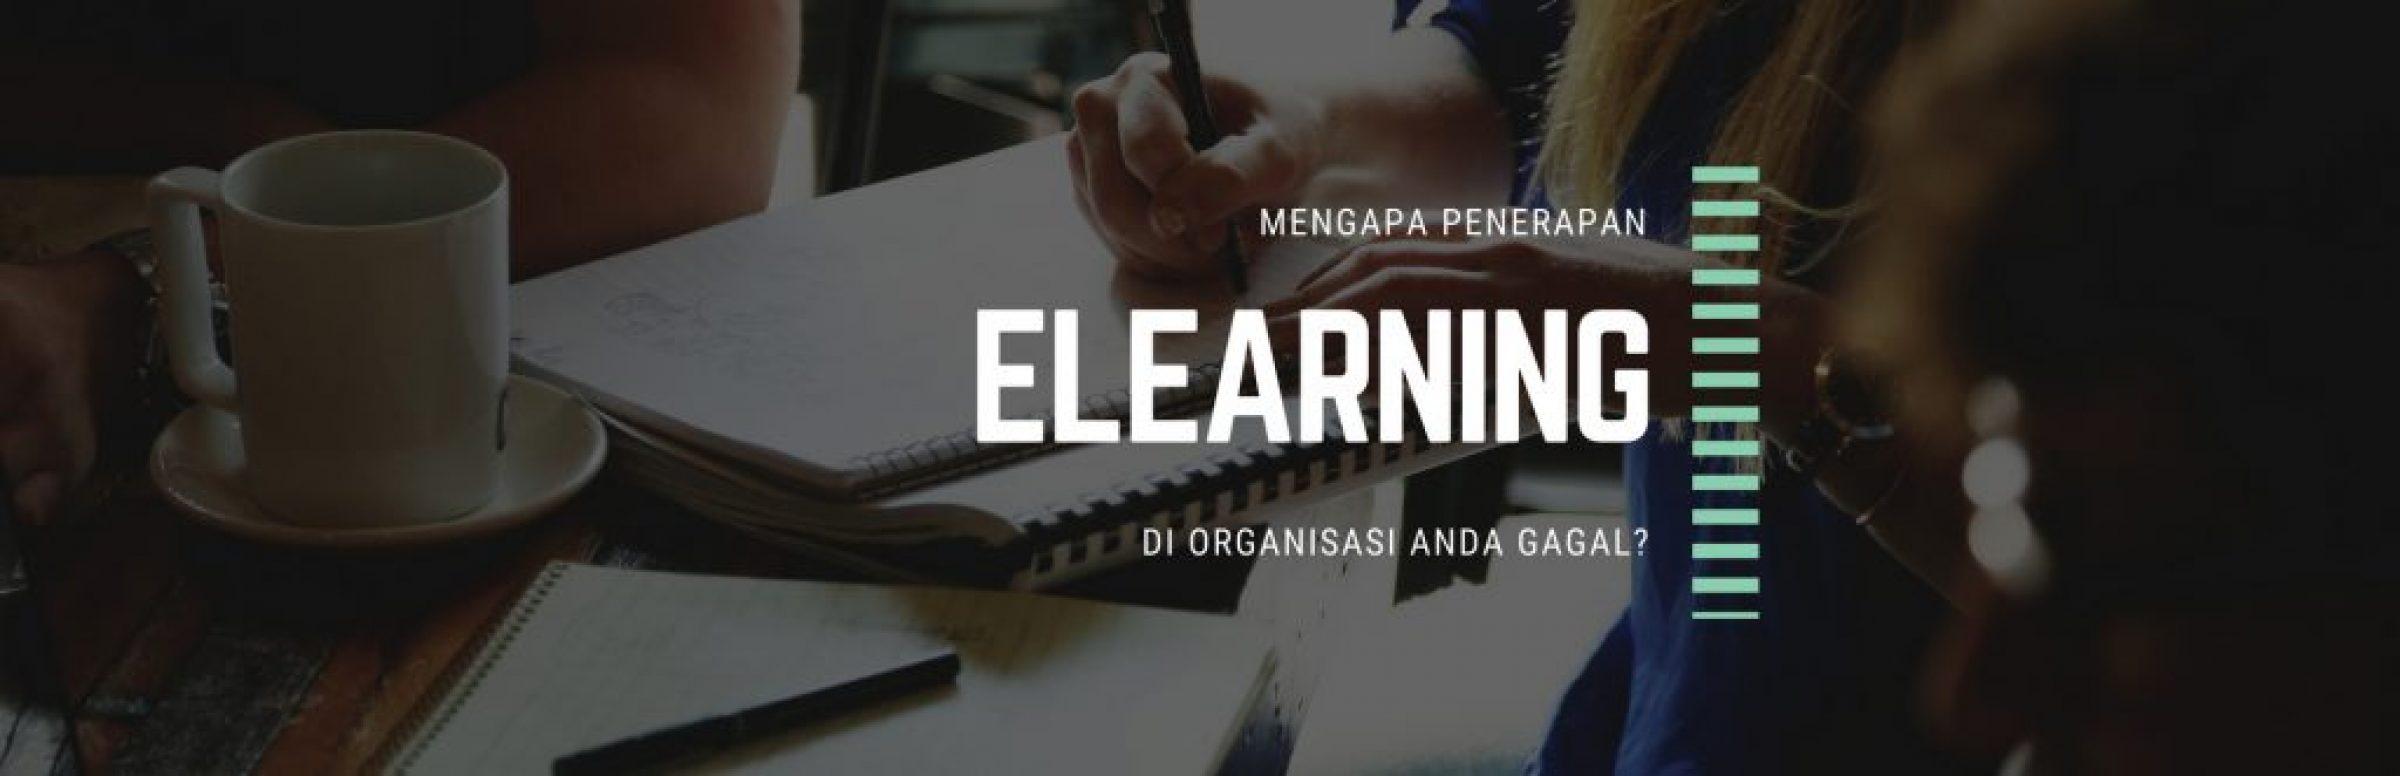 Mengapa Implementasi Elearning di Organisasi Saya Gagal?